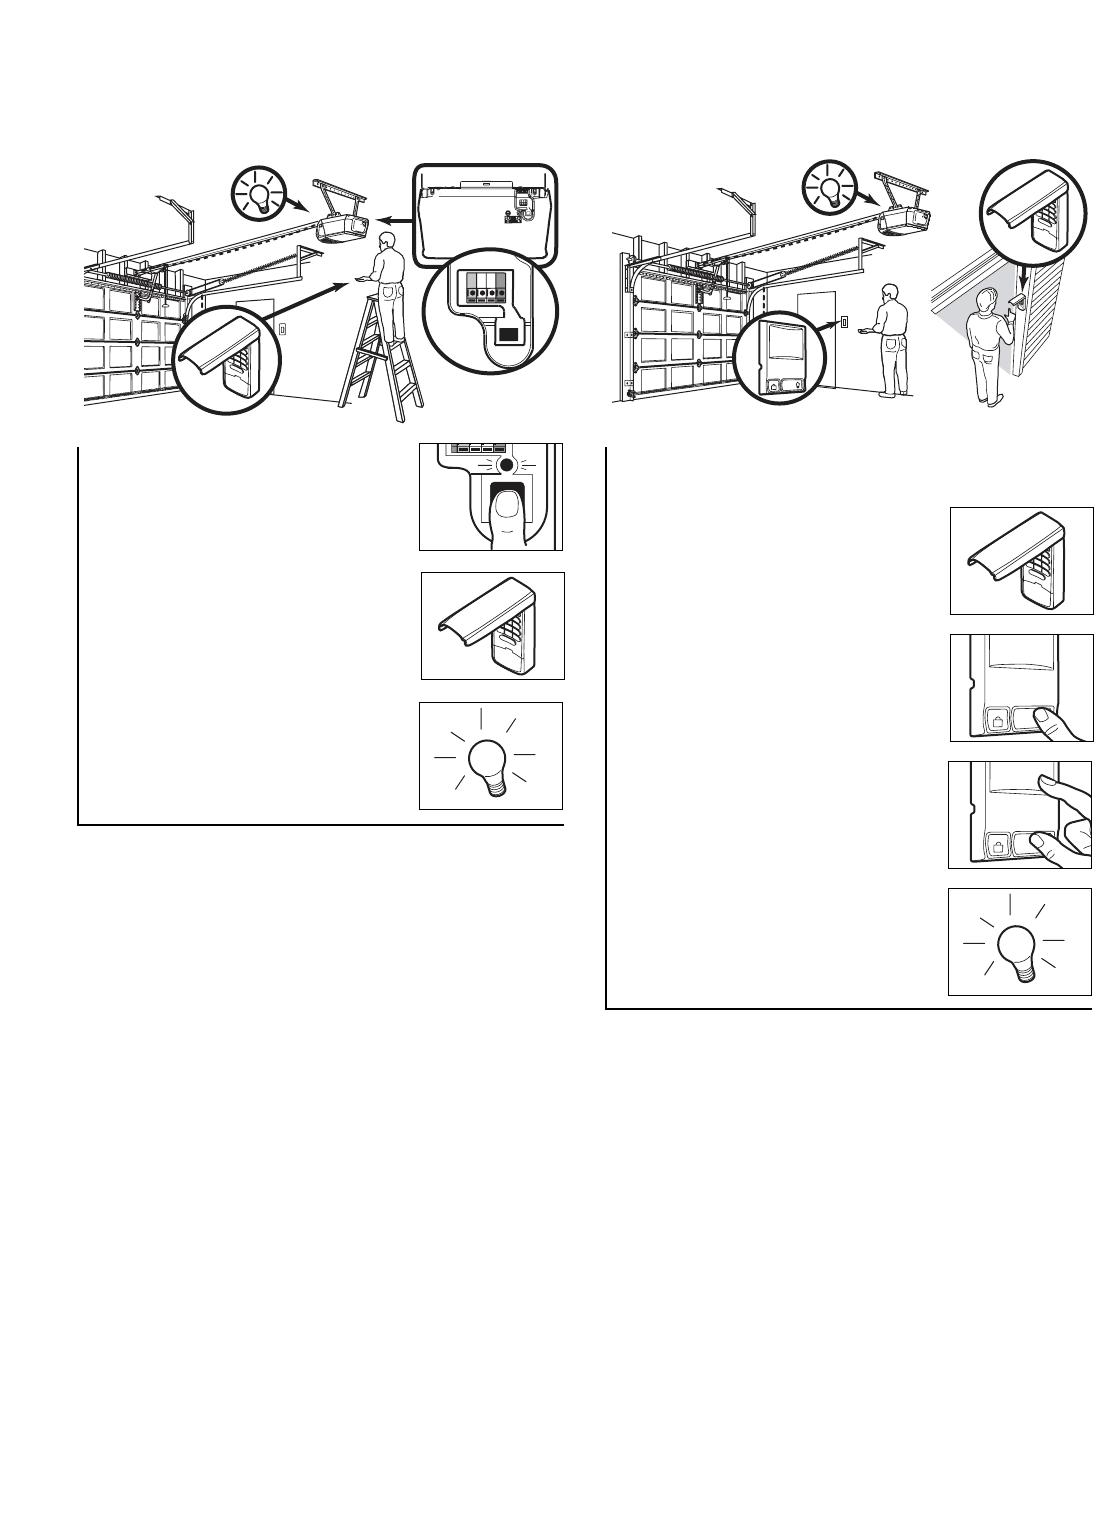 chamberlain garage door opener manual release